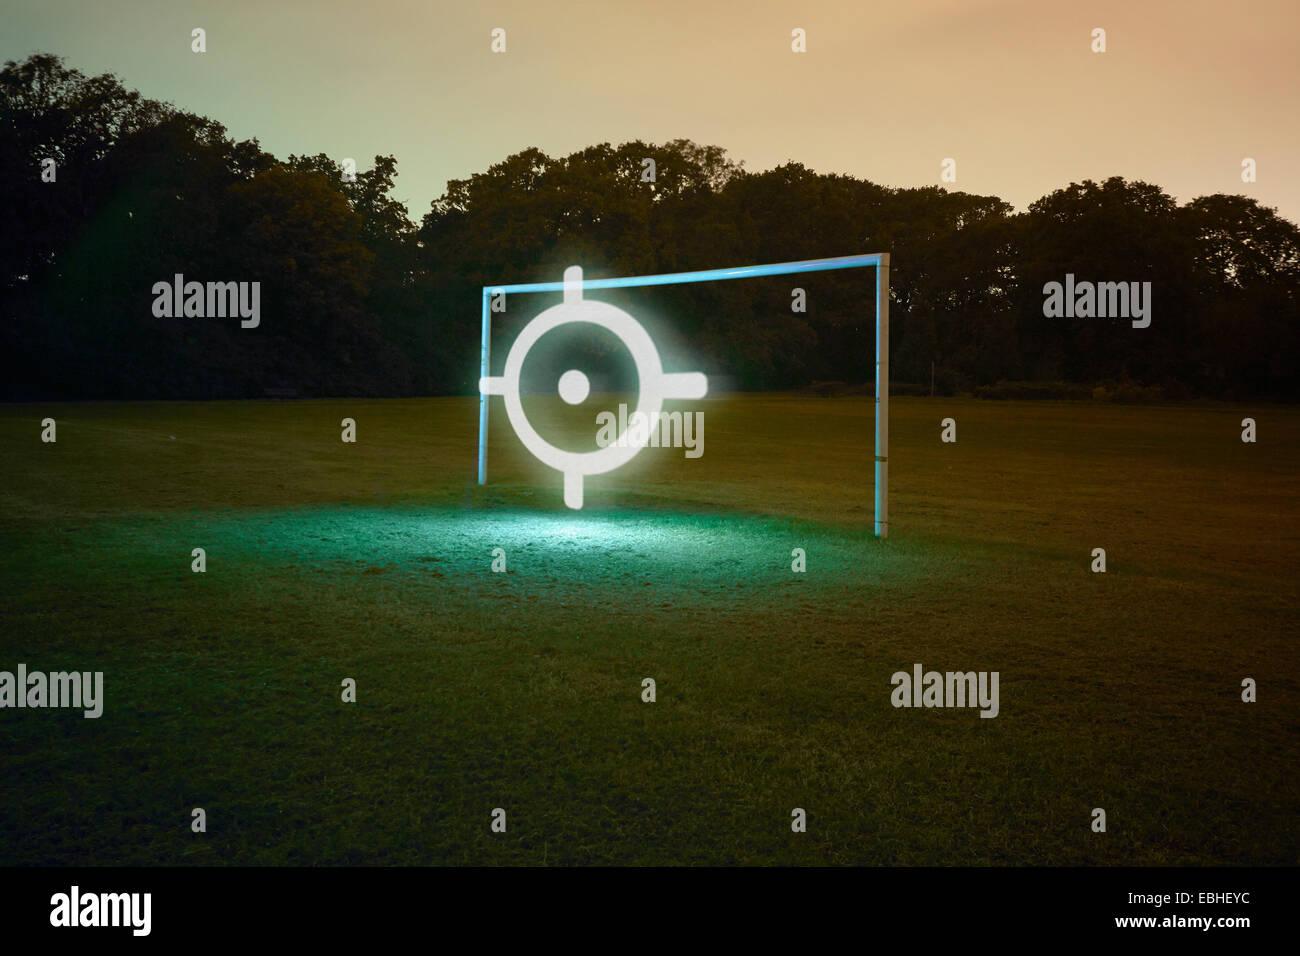 Fußballtor mit beleuchteten Zielsymbol Stockbild